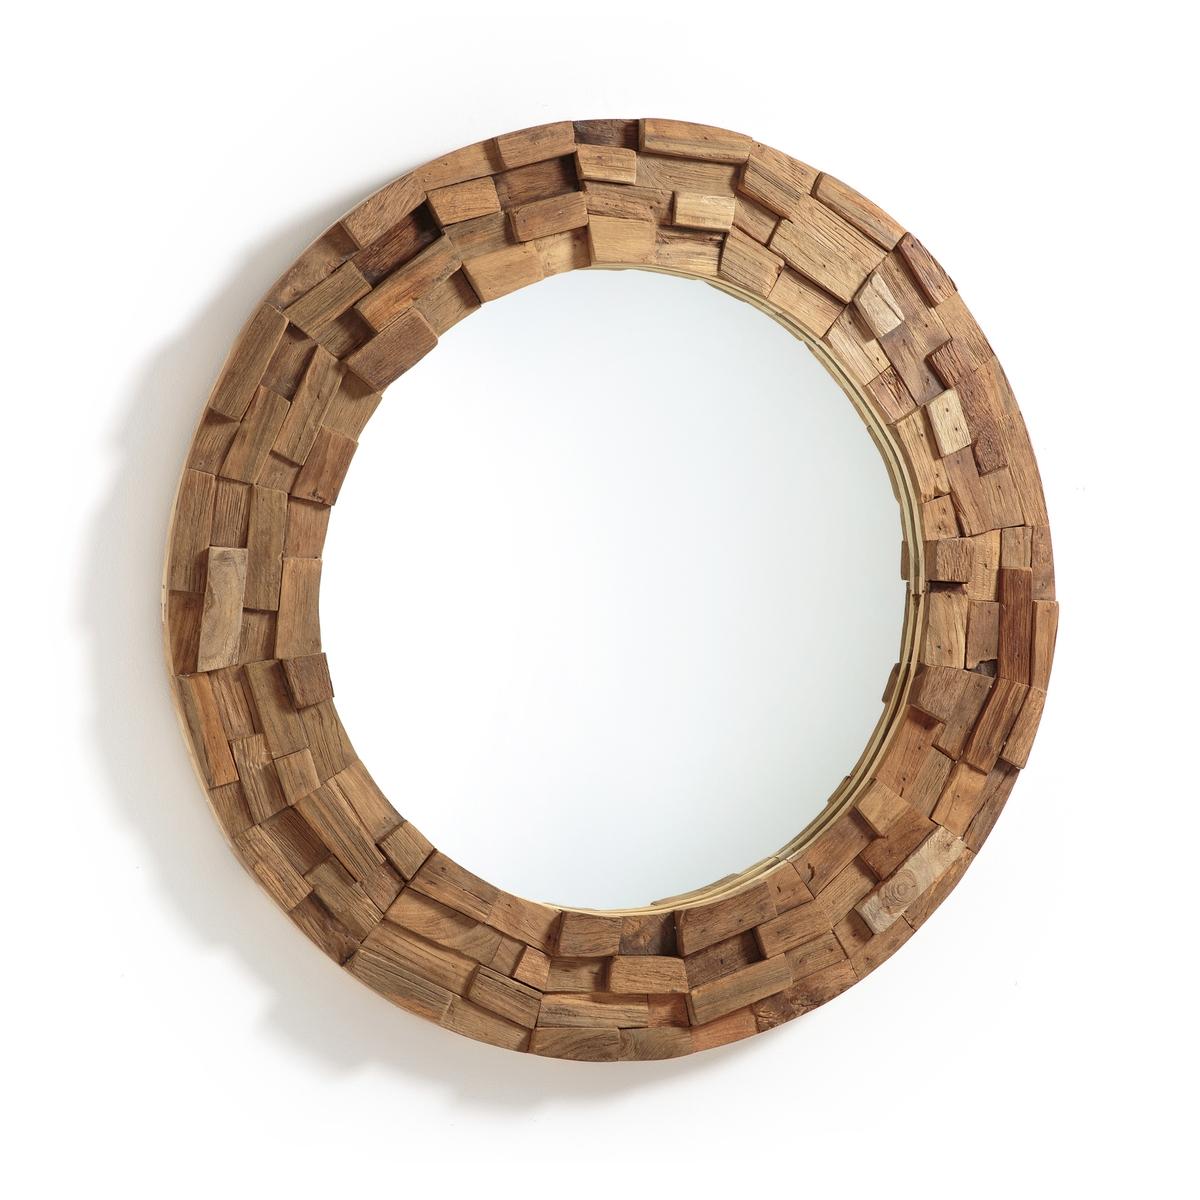 Зеркало из тикового дерева ?80 см, RomaniaЗеркало Romania. Декоративное зеркало, украшенное по контуру деталями из тикового дерева. Настенное крепление на 2 пластины (винты и болты не входят в комплект). Размер : ?80 см.<br><br>Цвет: серо-бежевый